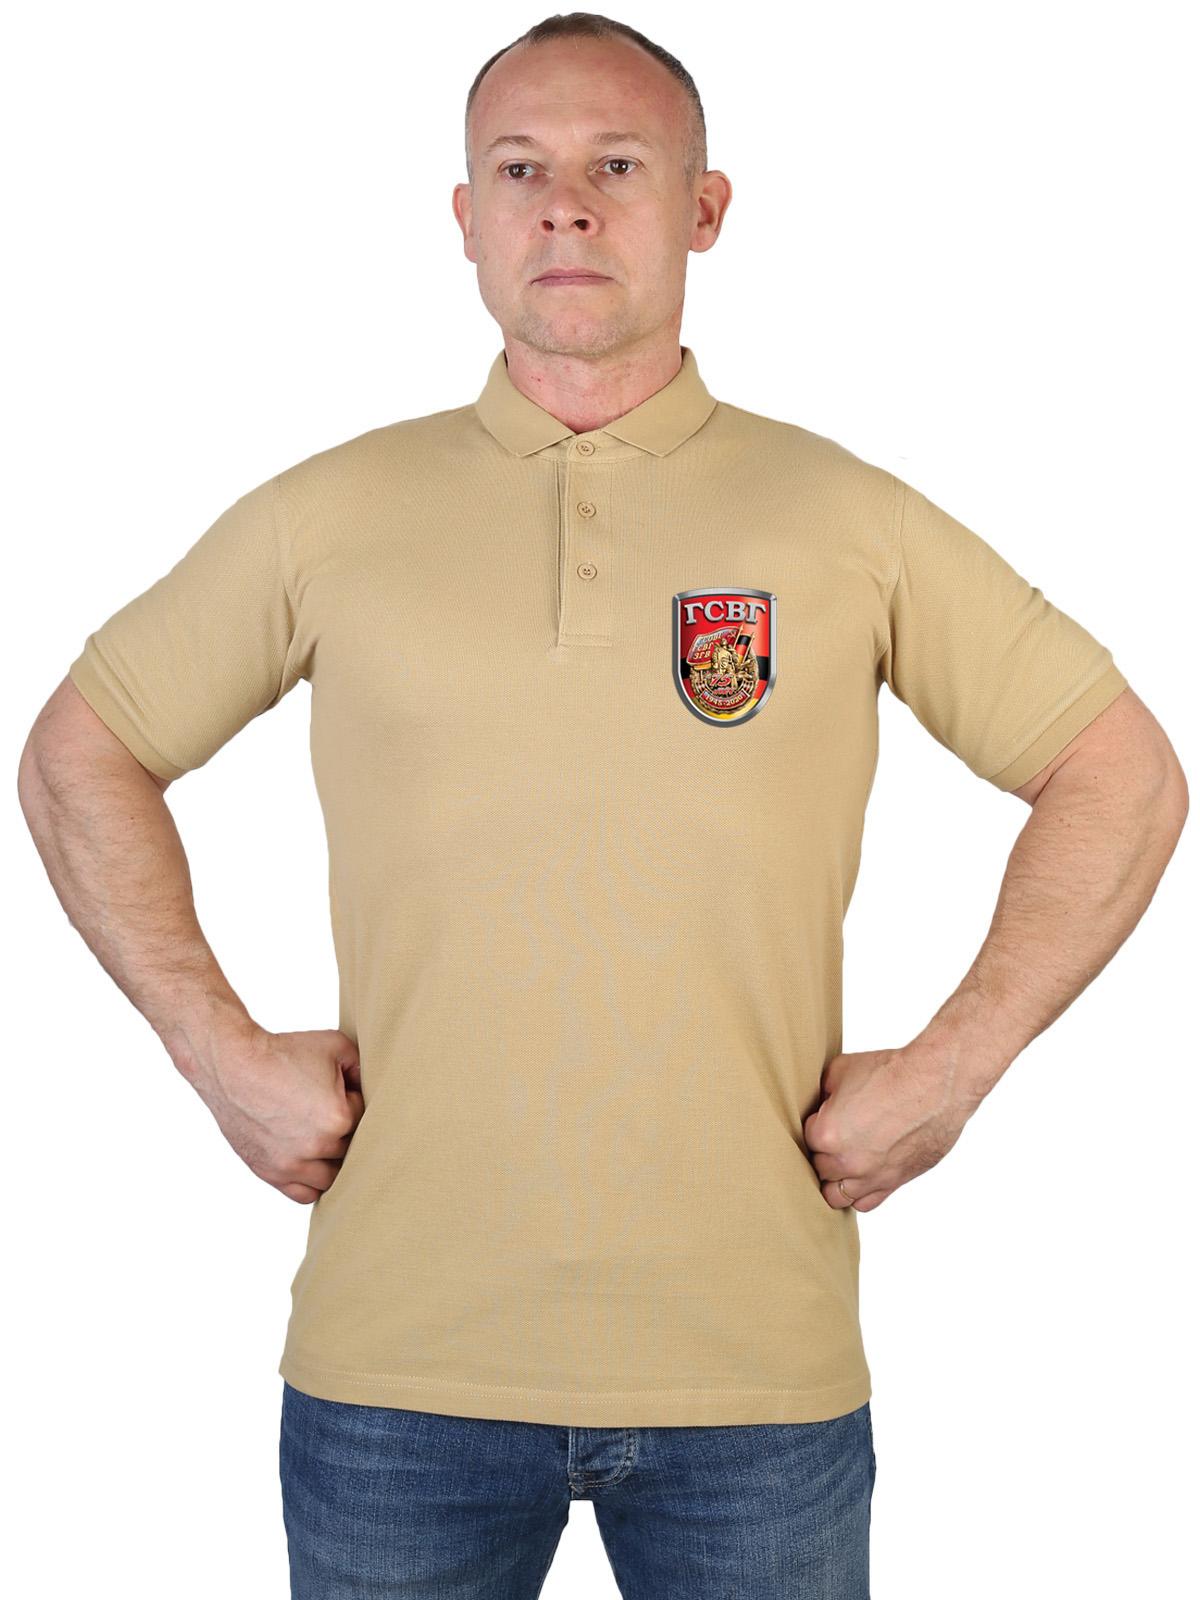 Купить песочную мужскую футболку-поло с термотрансфером ГСВГ в подарок